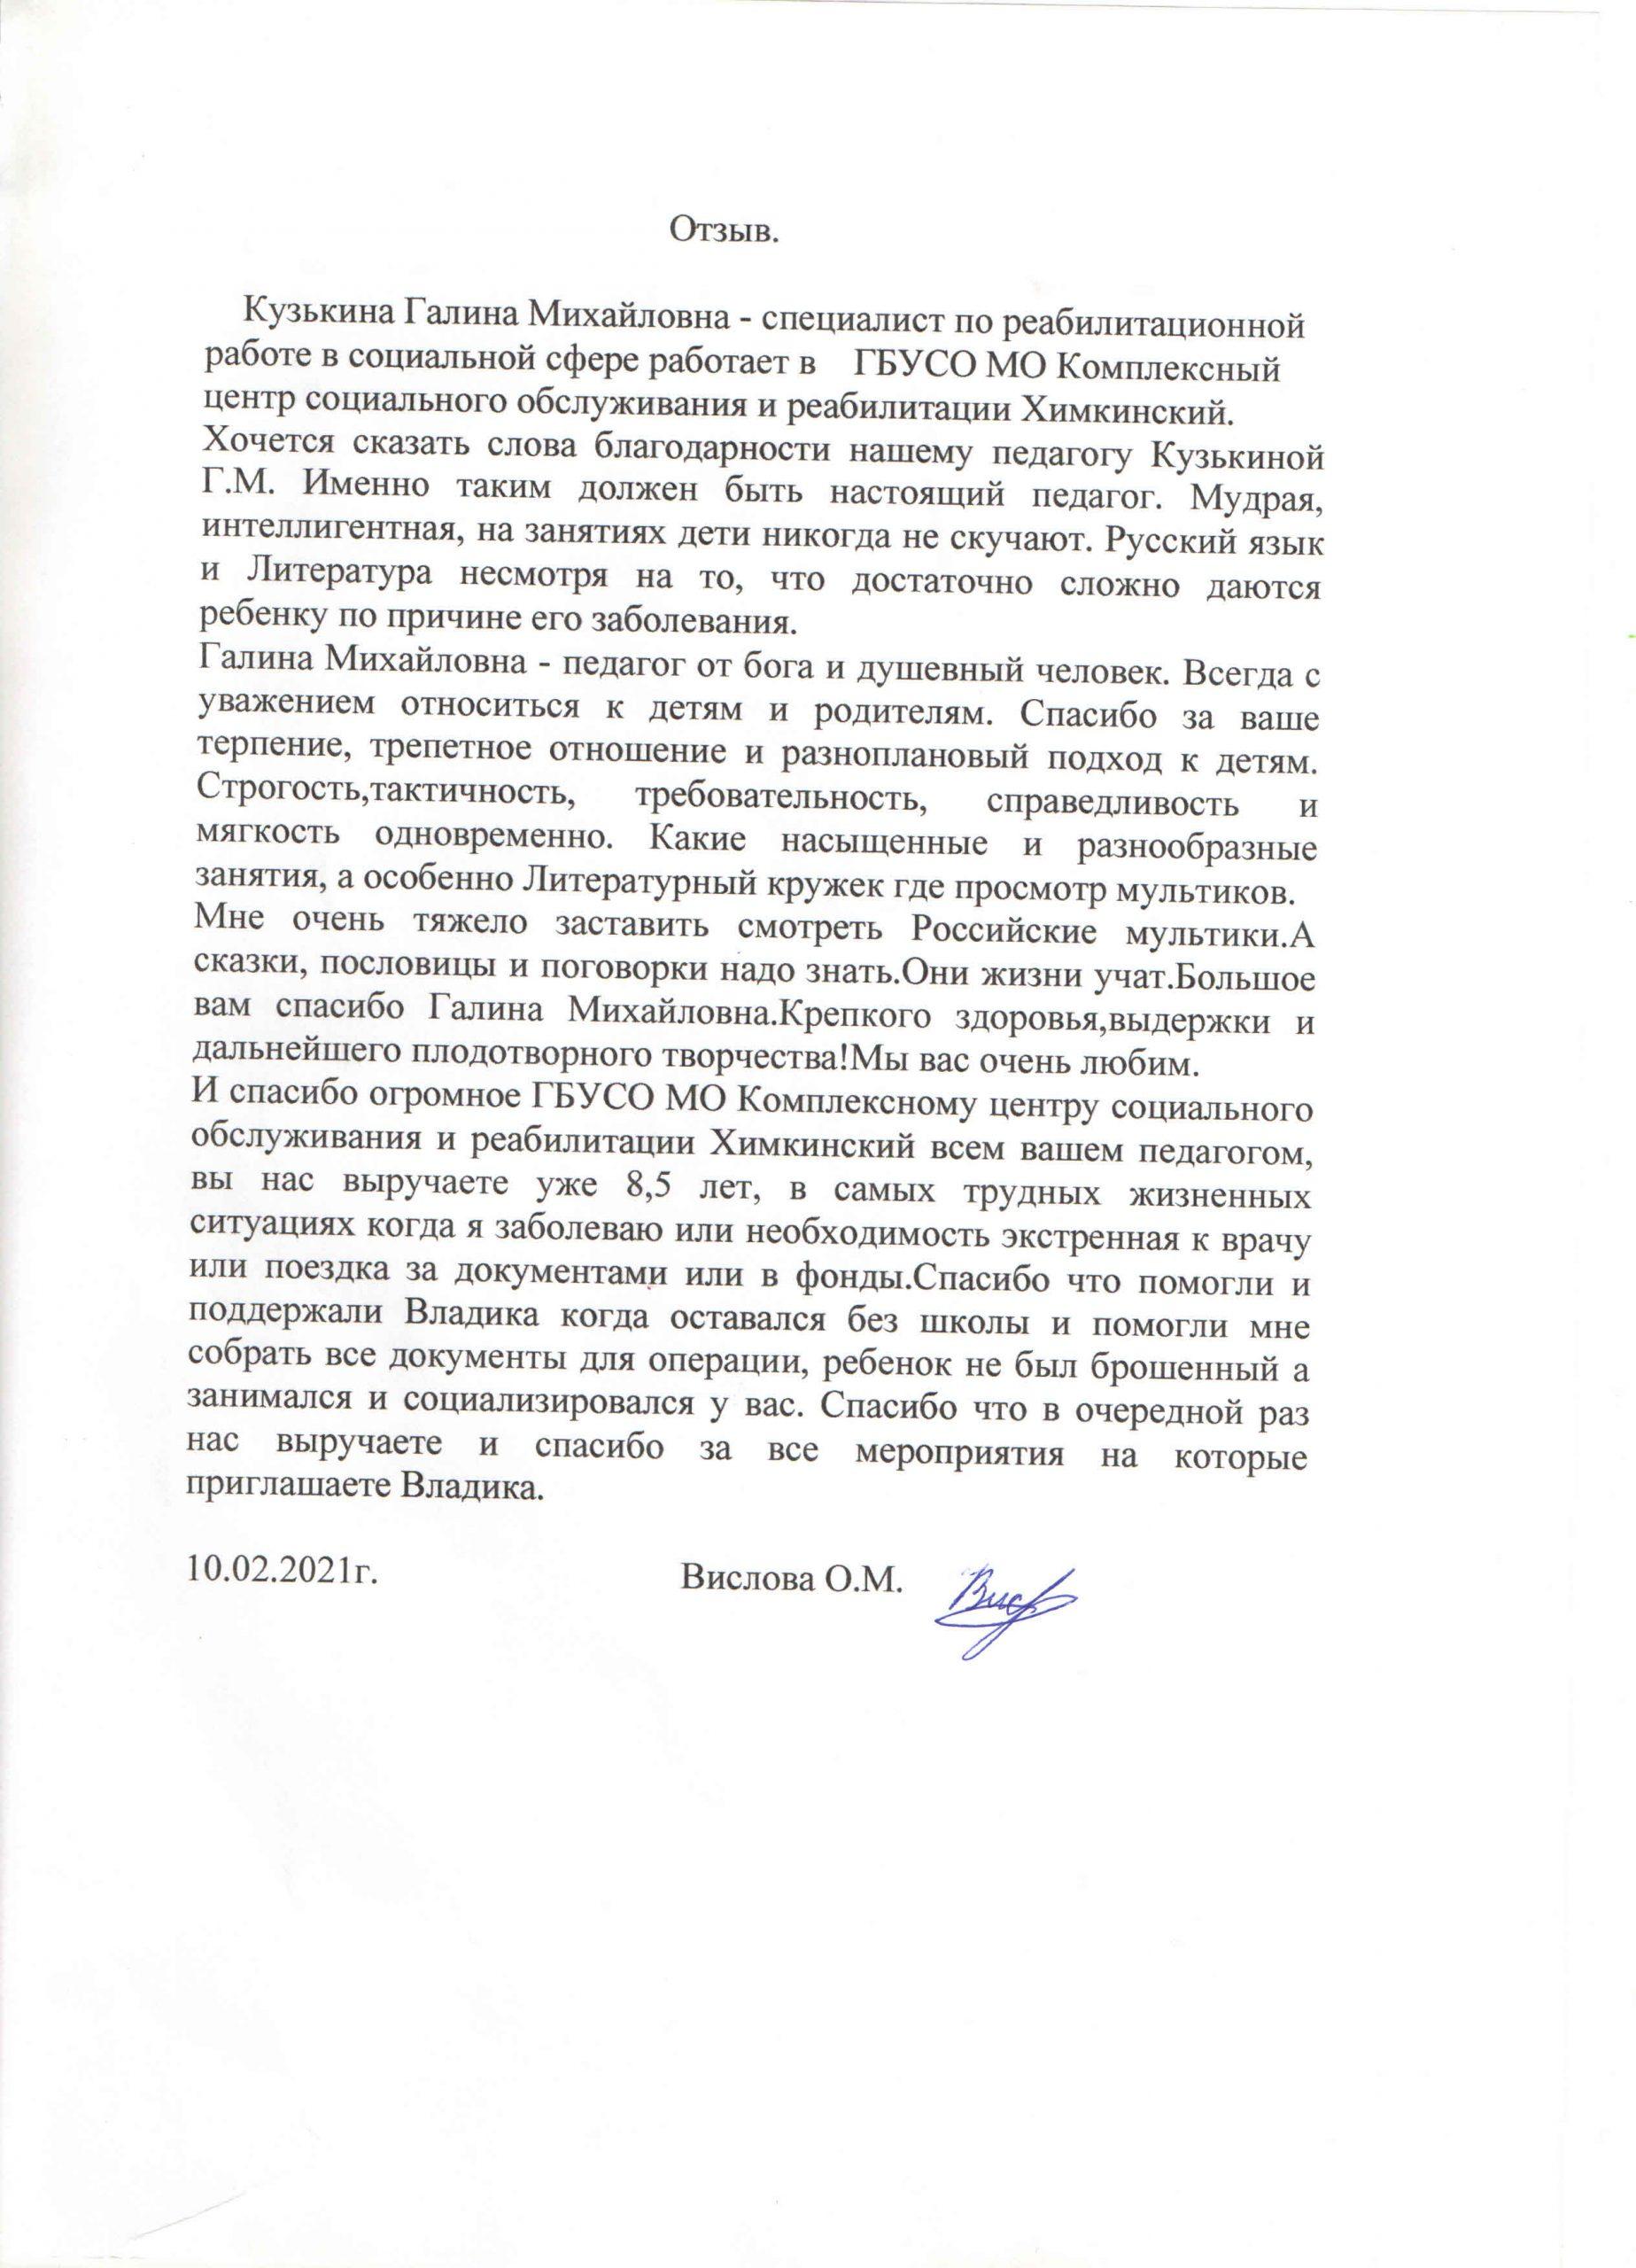 Кузькина 11.02.2021